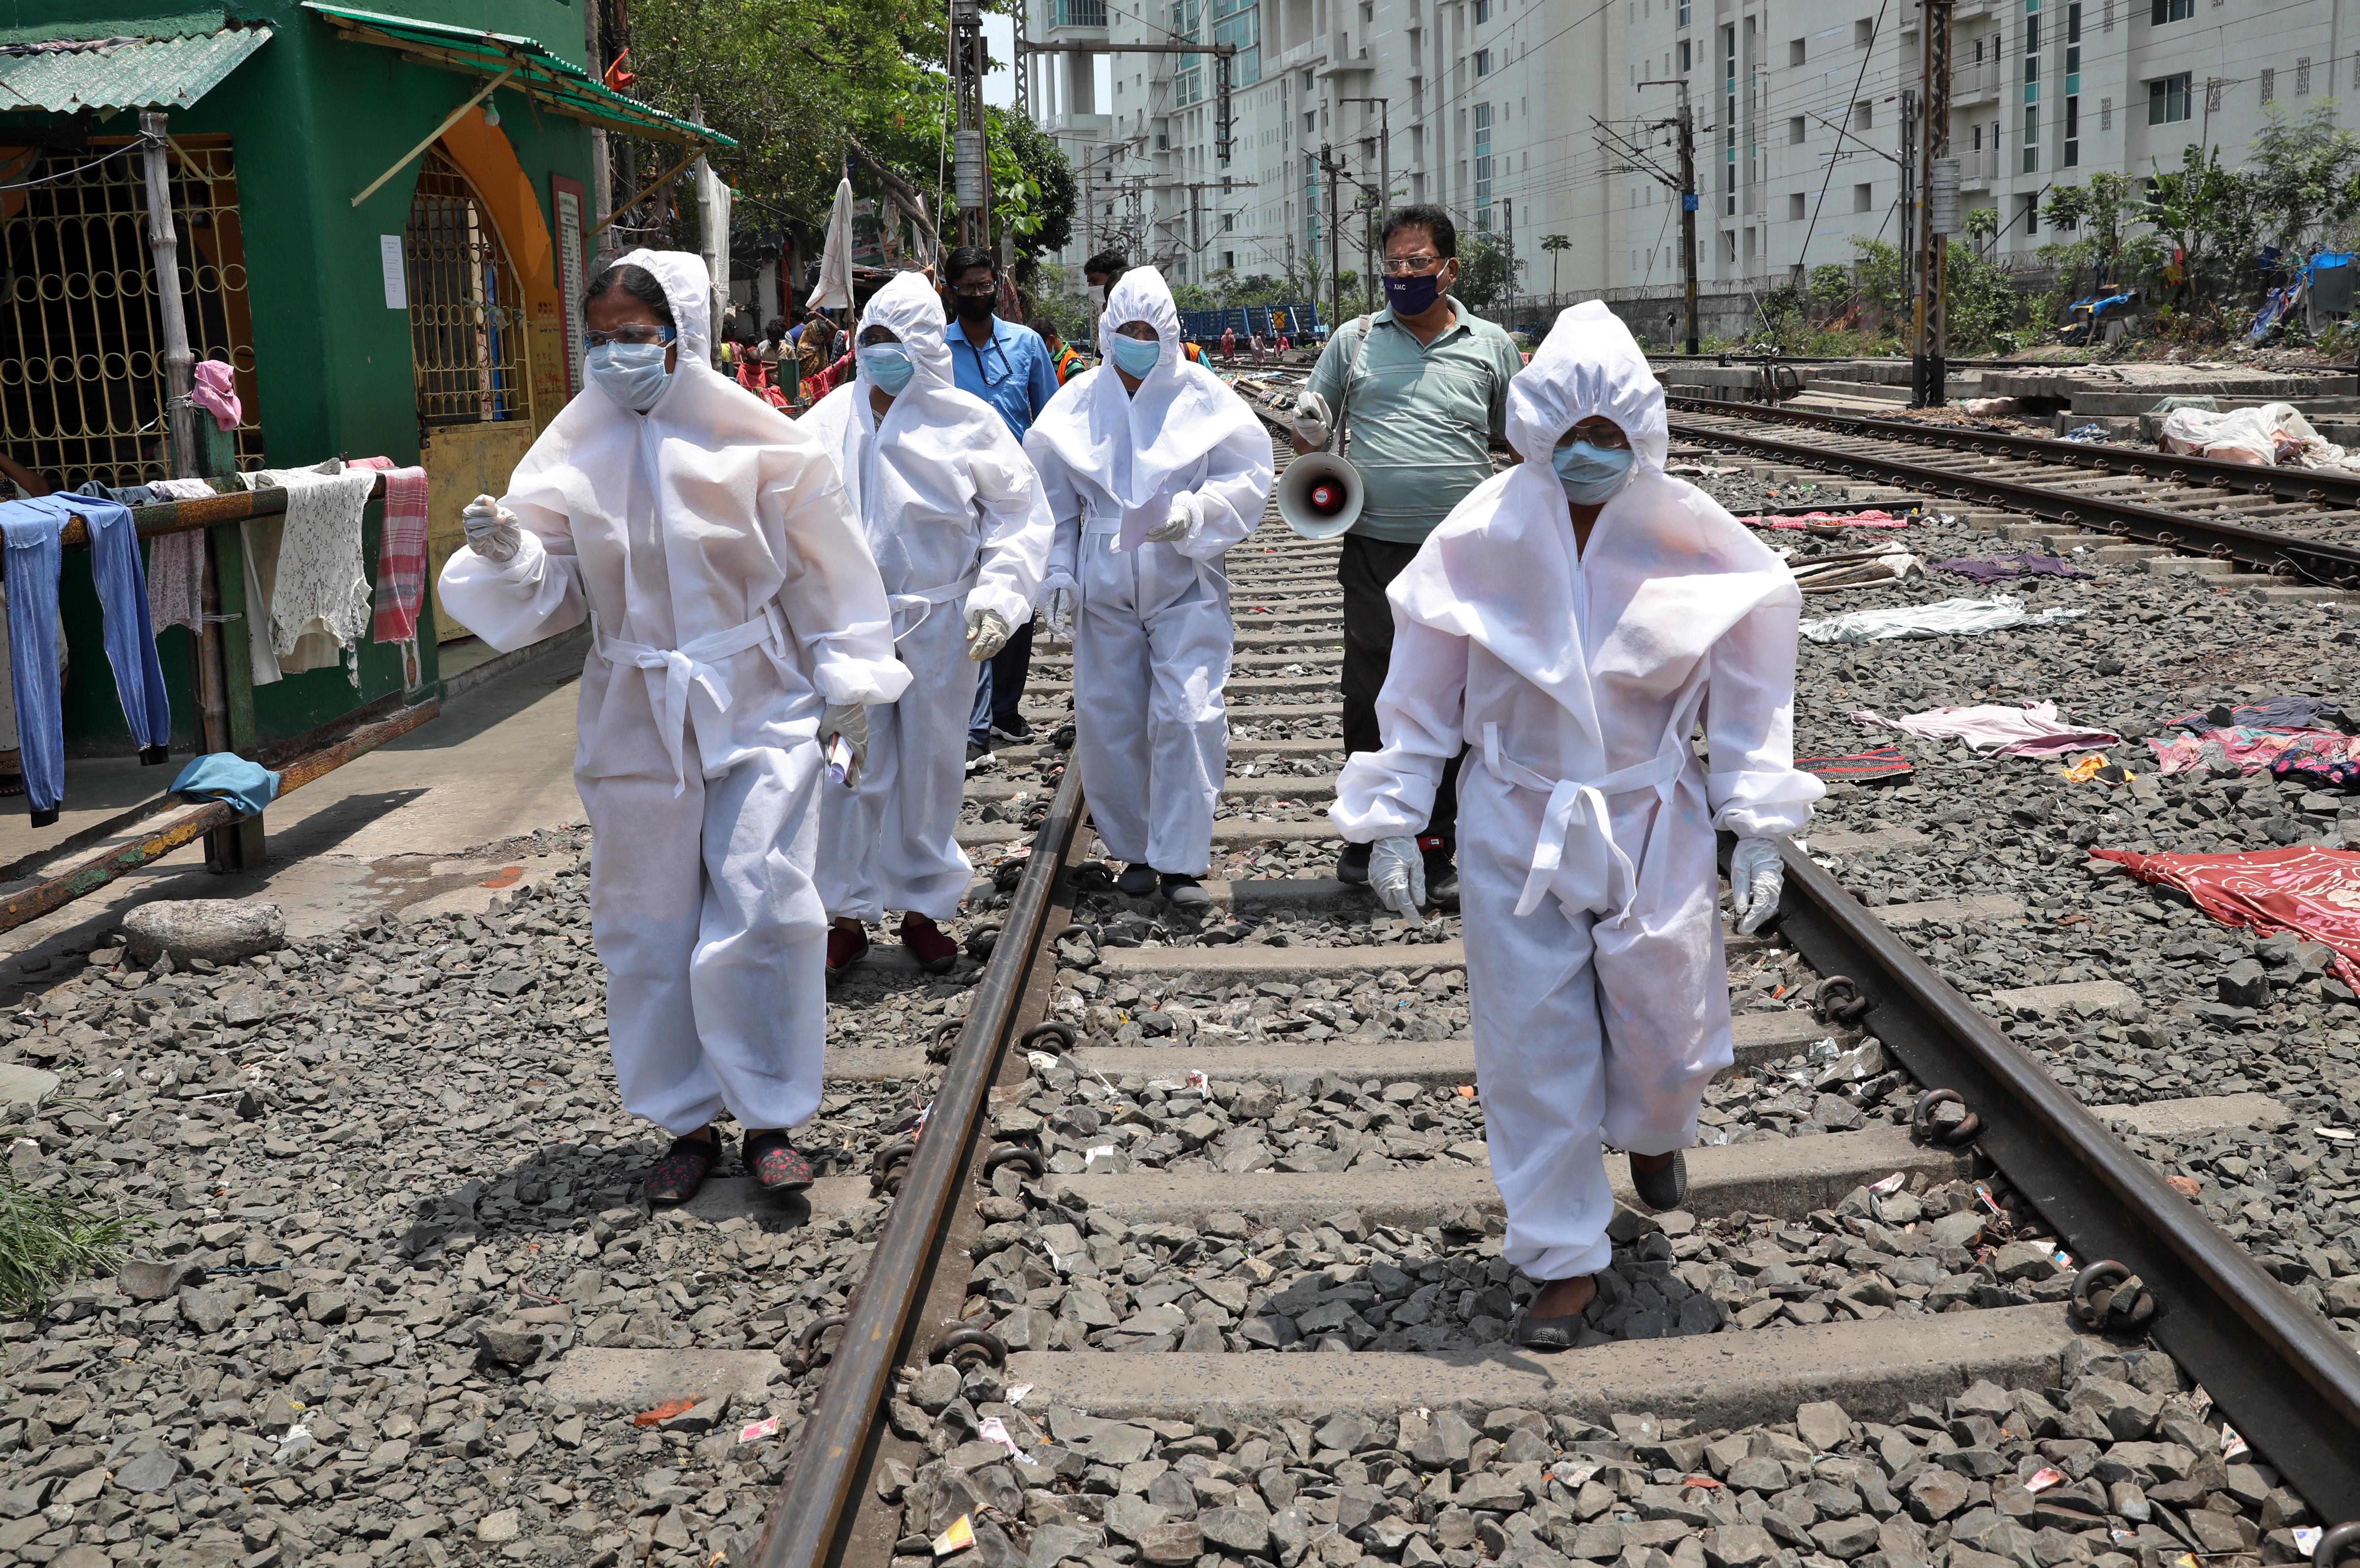 Trabajadores de la salud con equipo de protección caminan por una vía férrea al llegar a un área de tugurios para una verificación puerta a puerta de las personas para averiguar si han desarrollado alguno de los síntomas de la enfermedad coronavirus (COVID-19), en Calcuta, India, el 24 de abril de 2020. REUTERS/Rupak De Chowdhuri